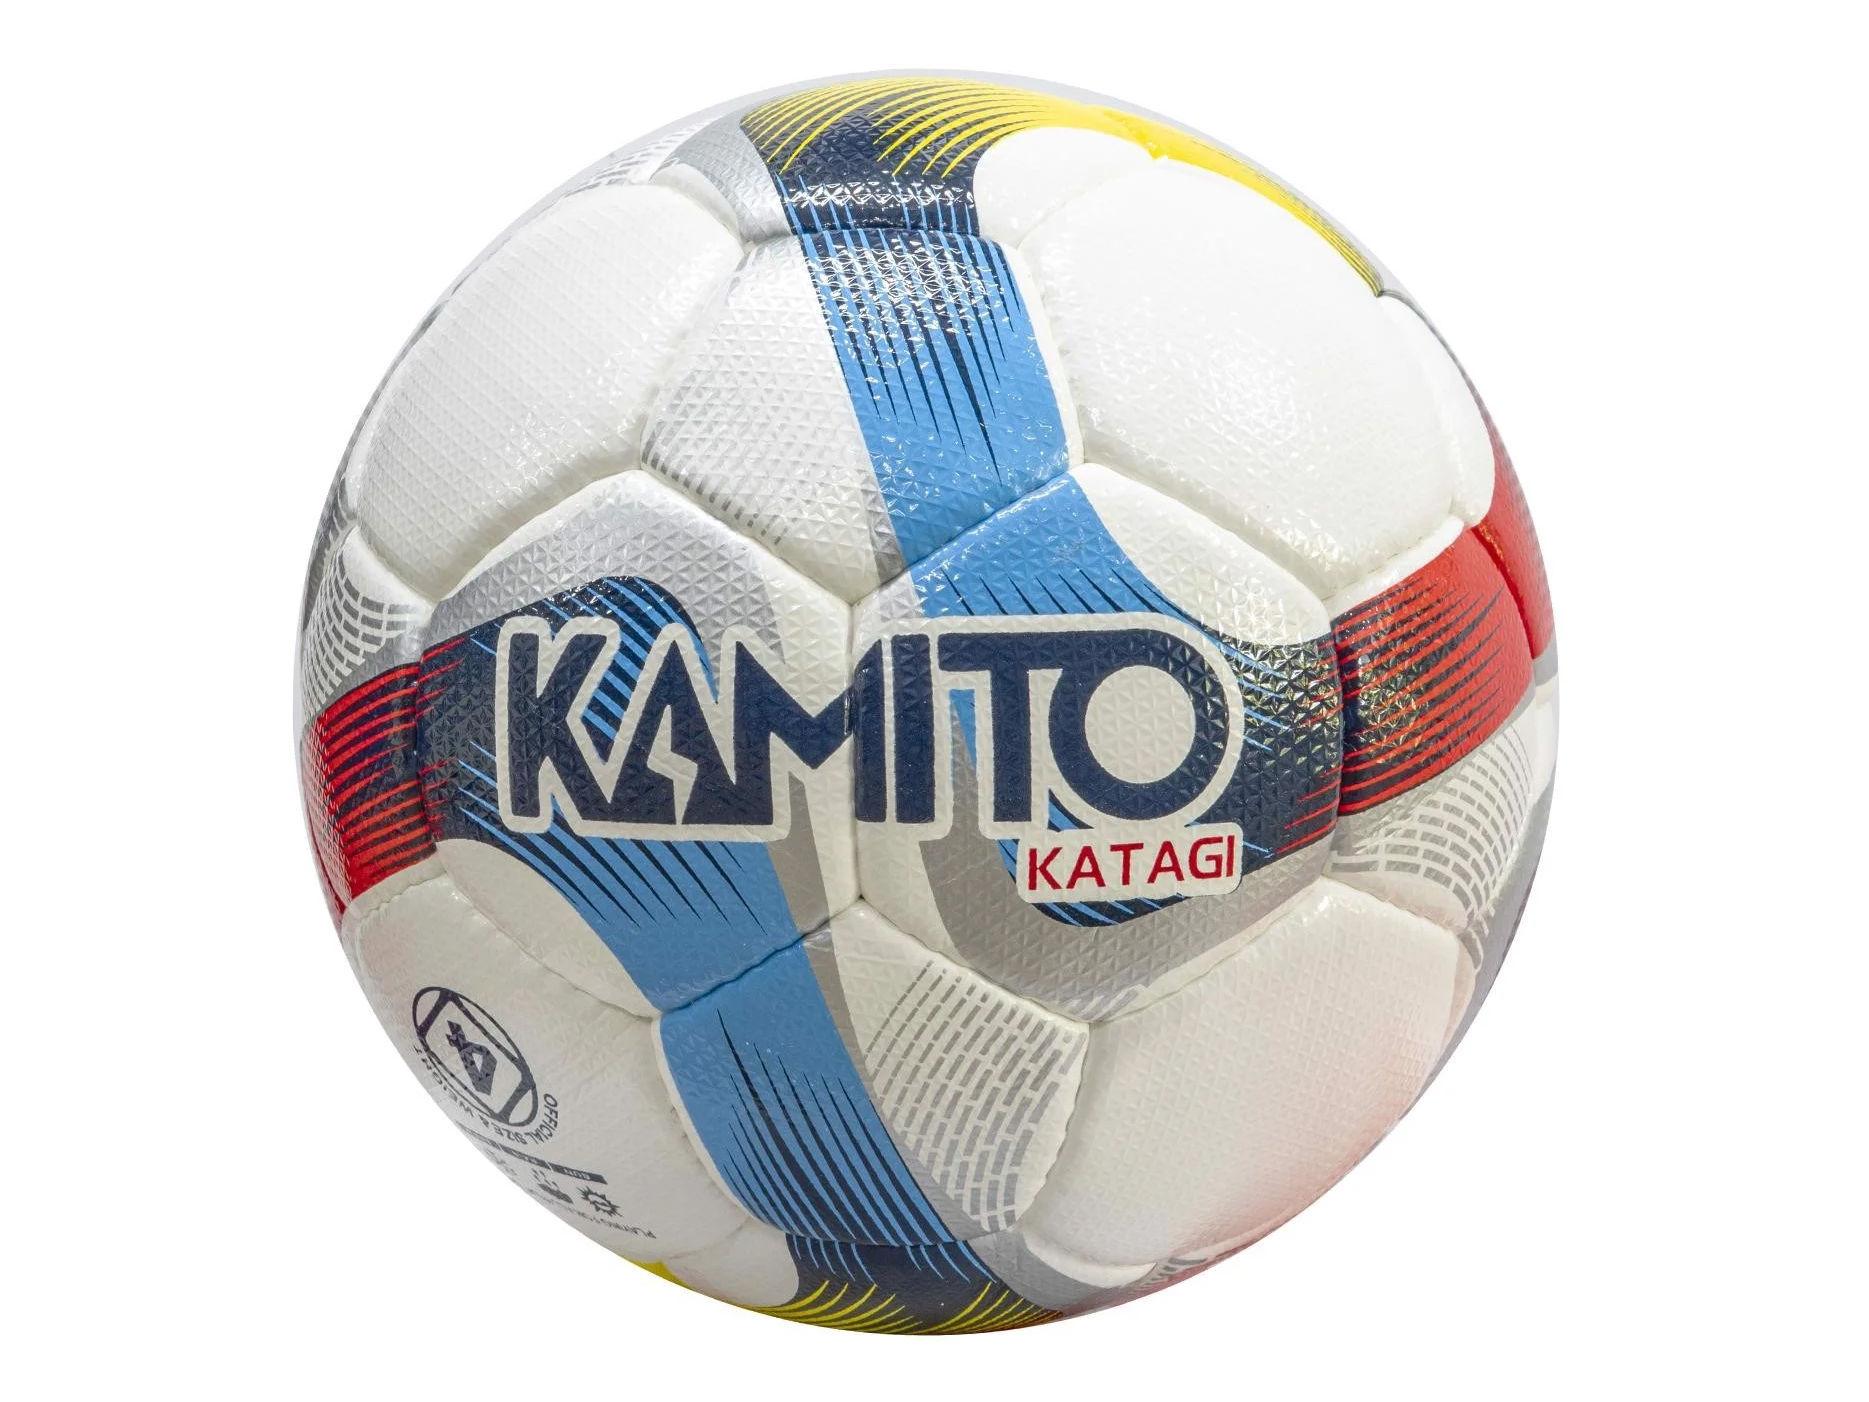 Quả bóng đá Kamito Katagi size 4